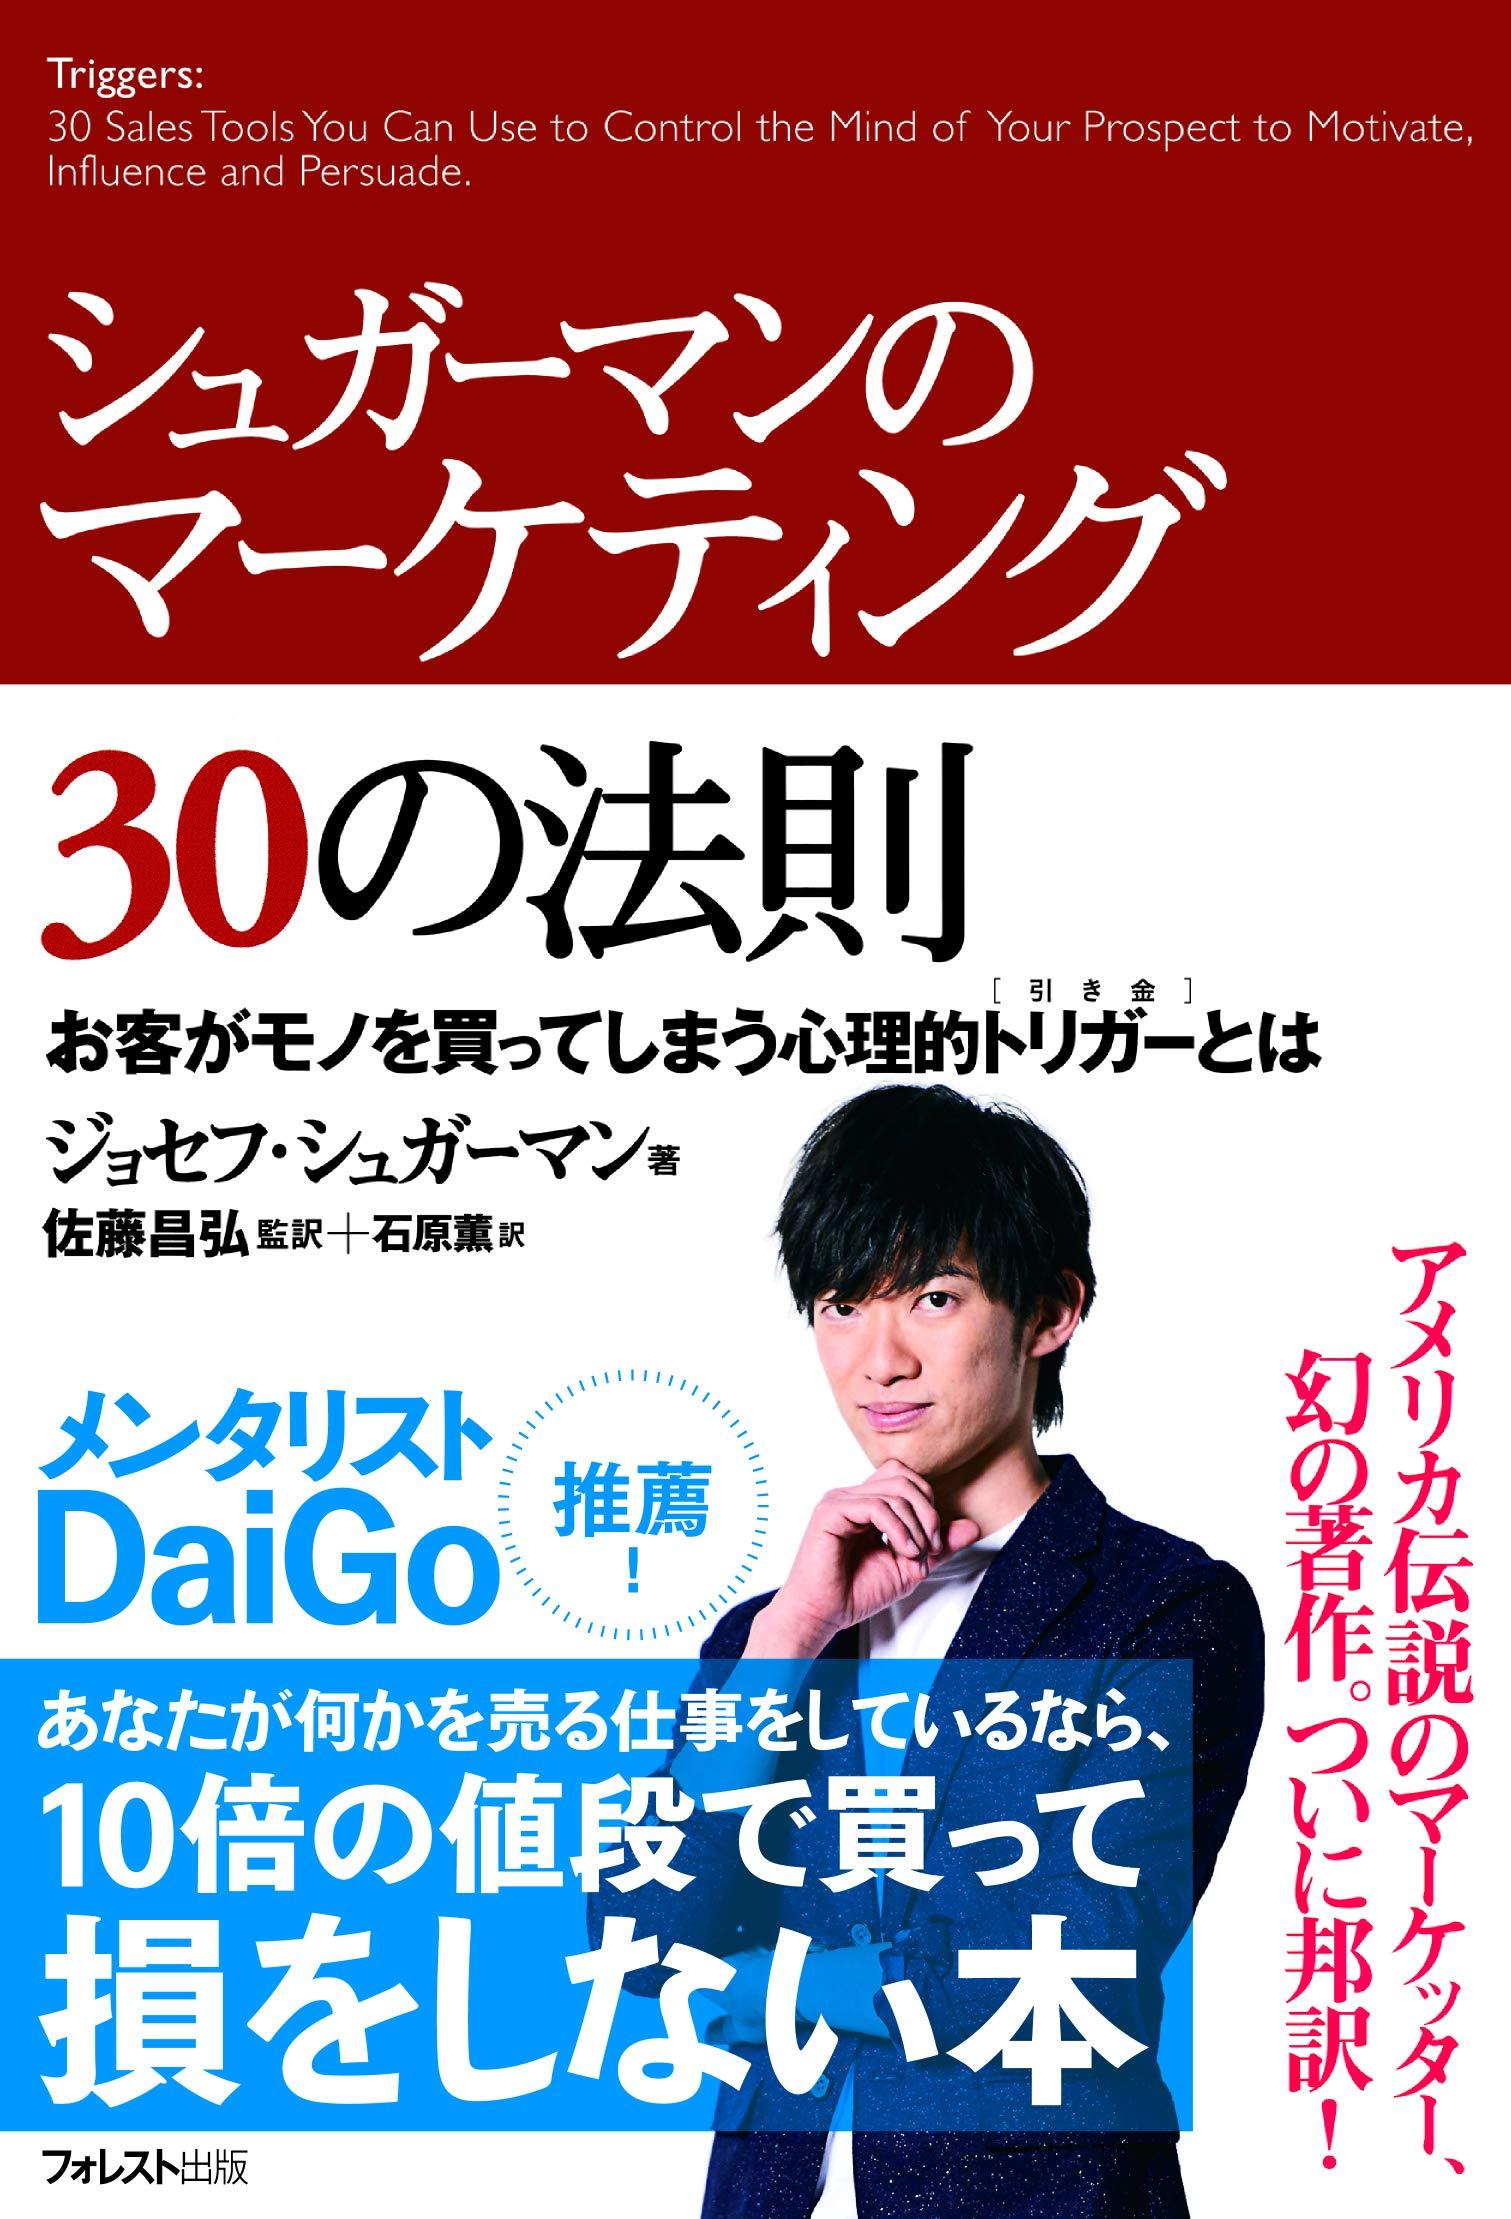 シュガーマンのマーケティング30の法則 著:ジョセフ・シュガーマン 、佐藤 昌弘